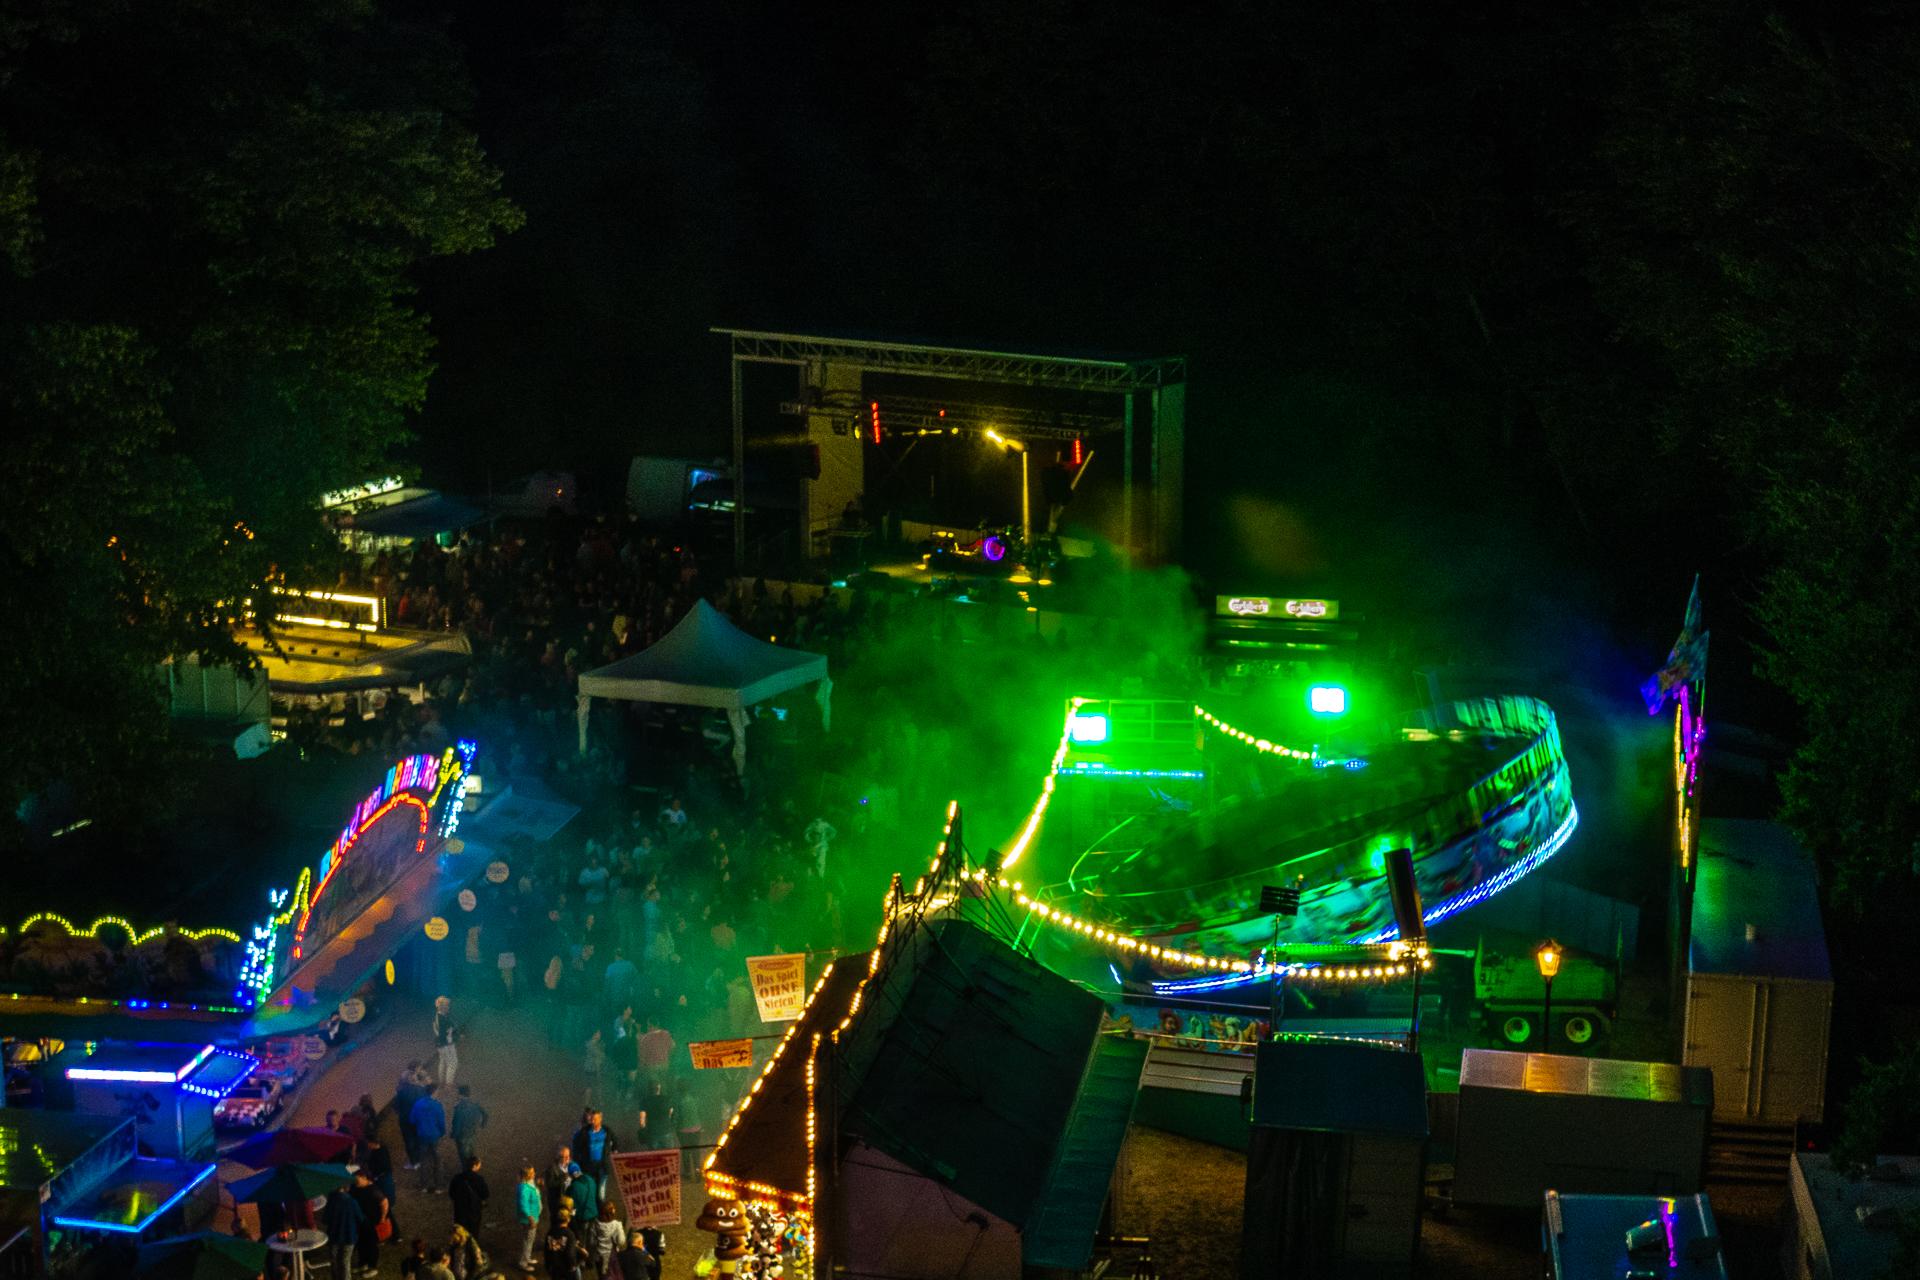 Karussell, grün angeleuchtet, von oben